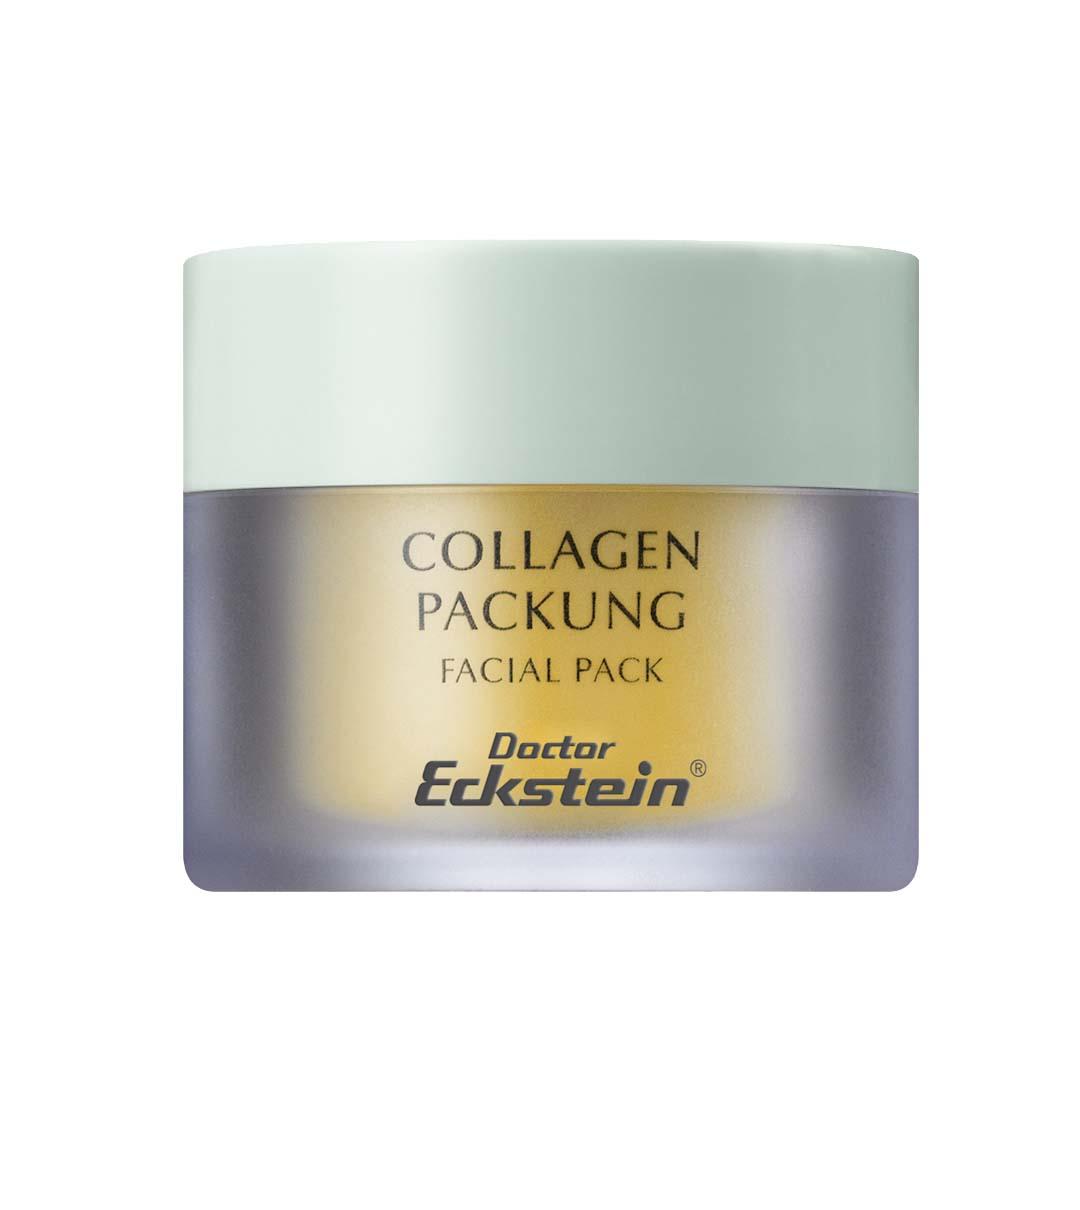 1x Doctor Eckstein® Collagen Packung  50 ml